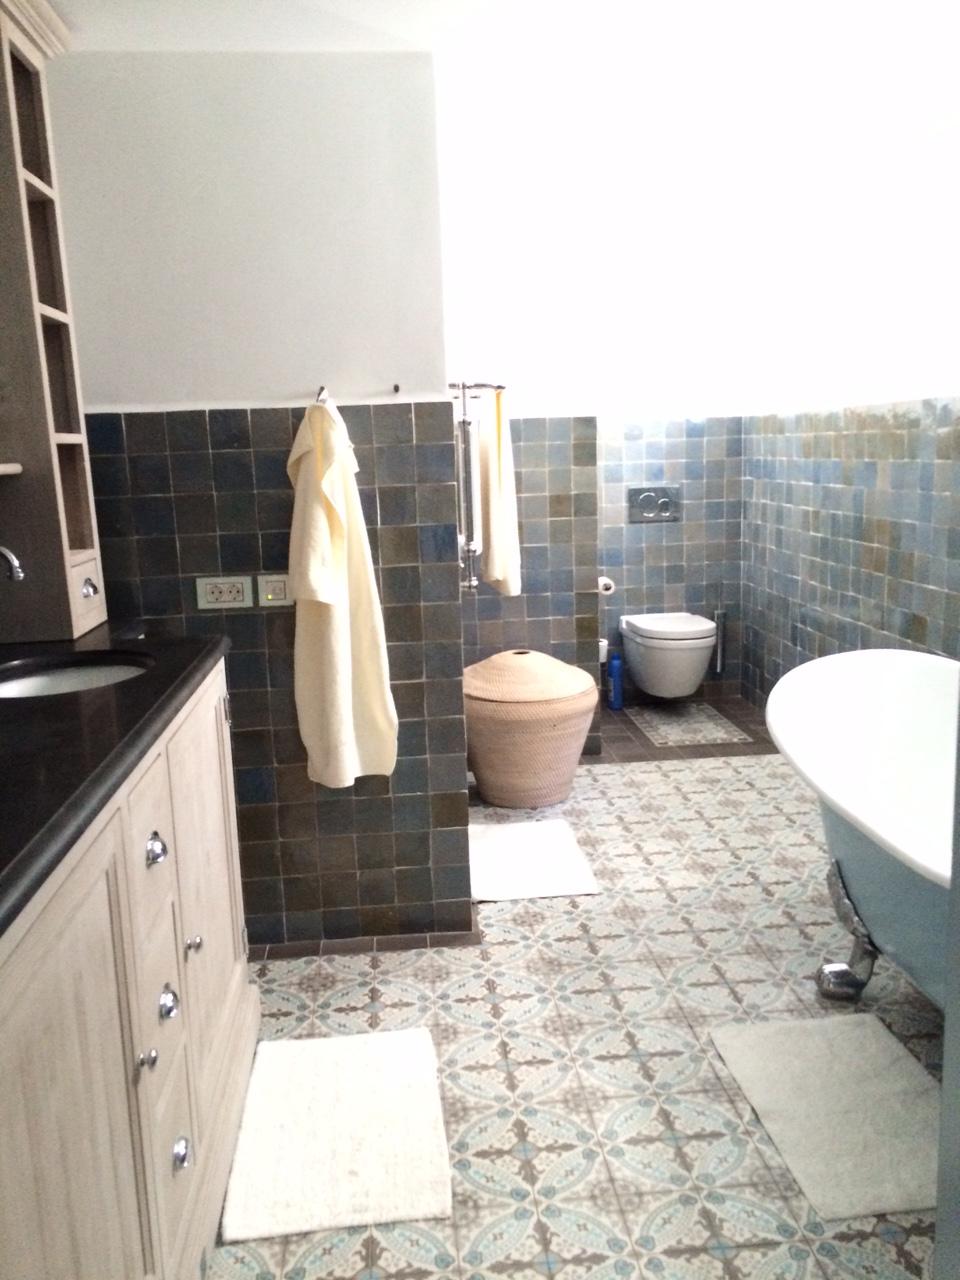 Wandtegels voor in de badkamer - Product in beeld - Startpagina voor ...